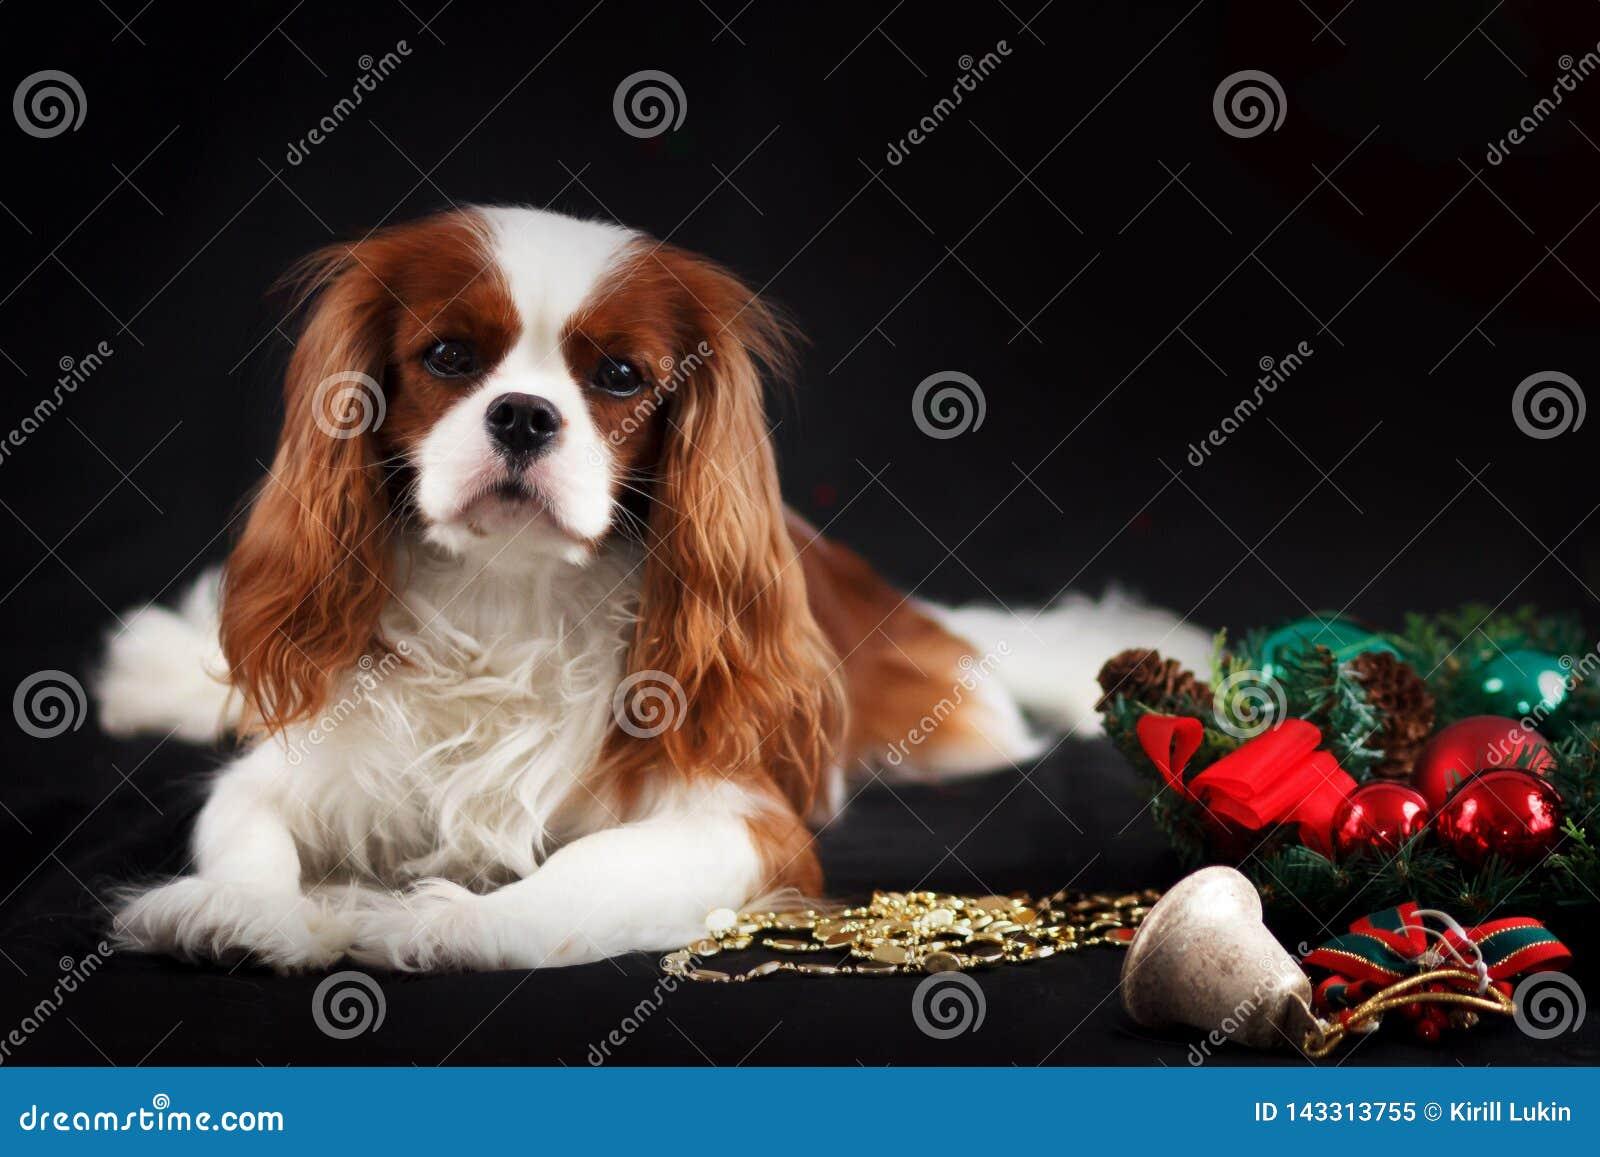 Weihnachtsfoto unbekümmerten Spaniels Königs Charles auf schwarzem Hintergrund